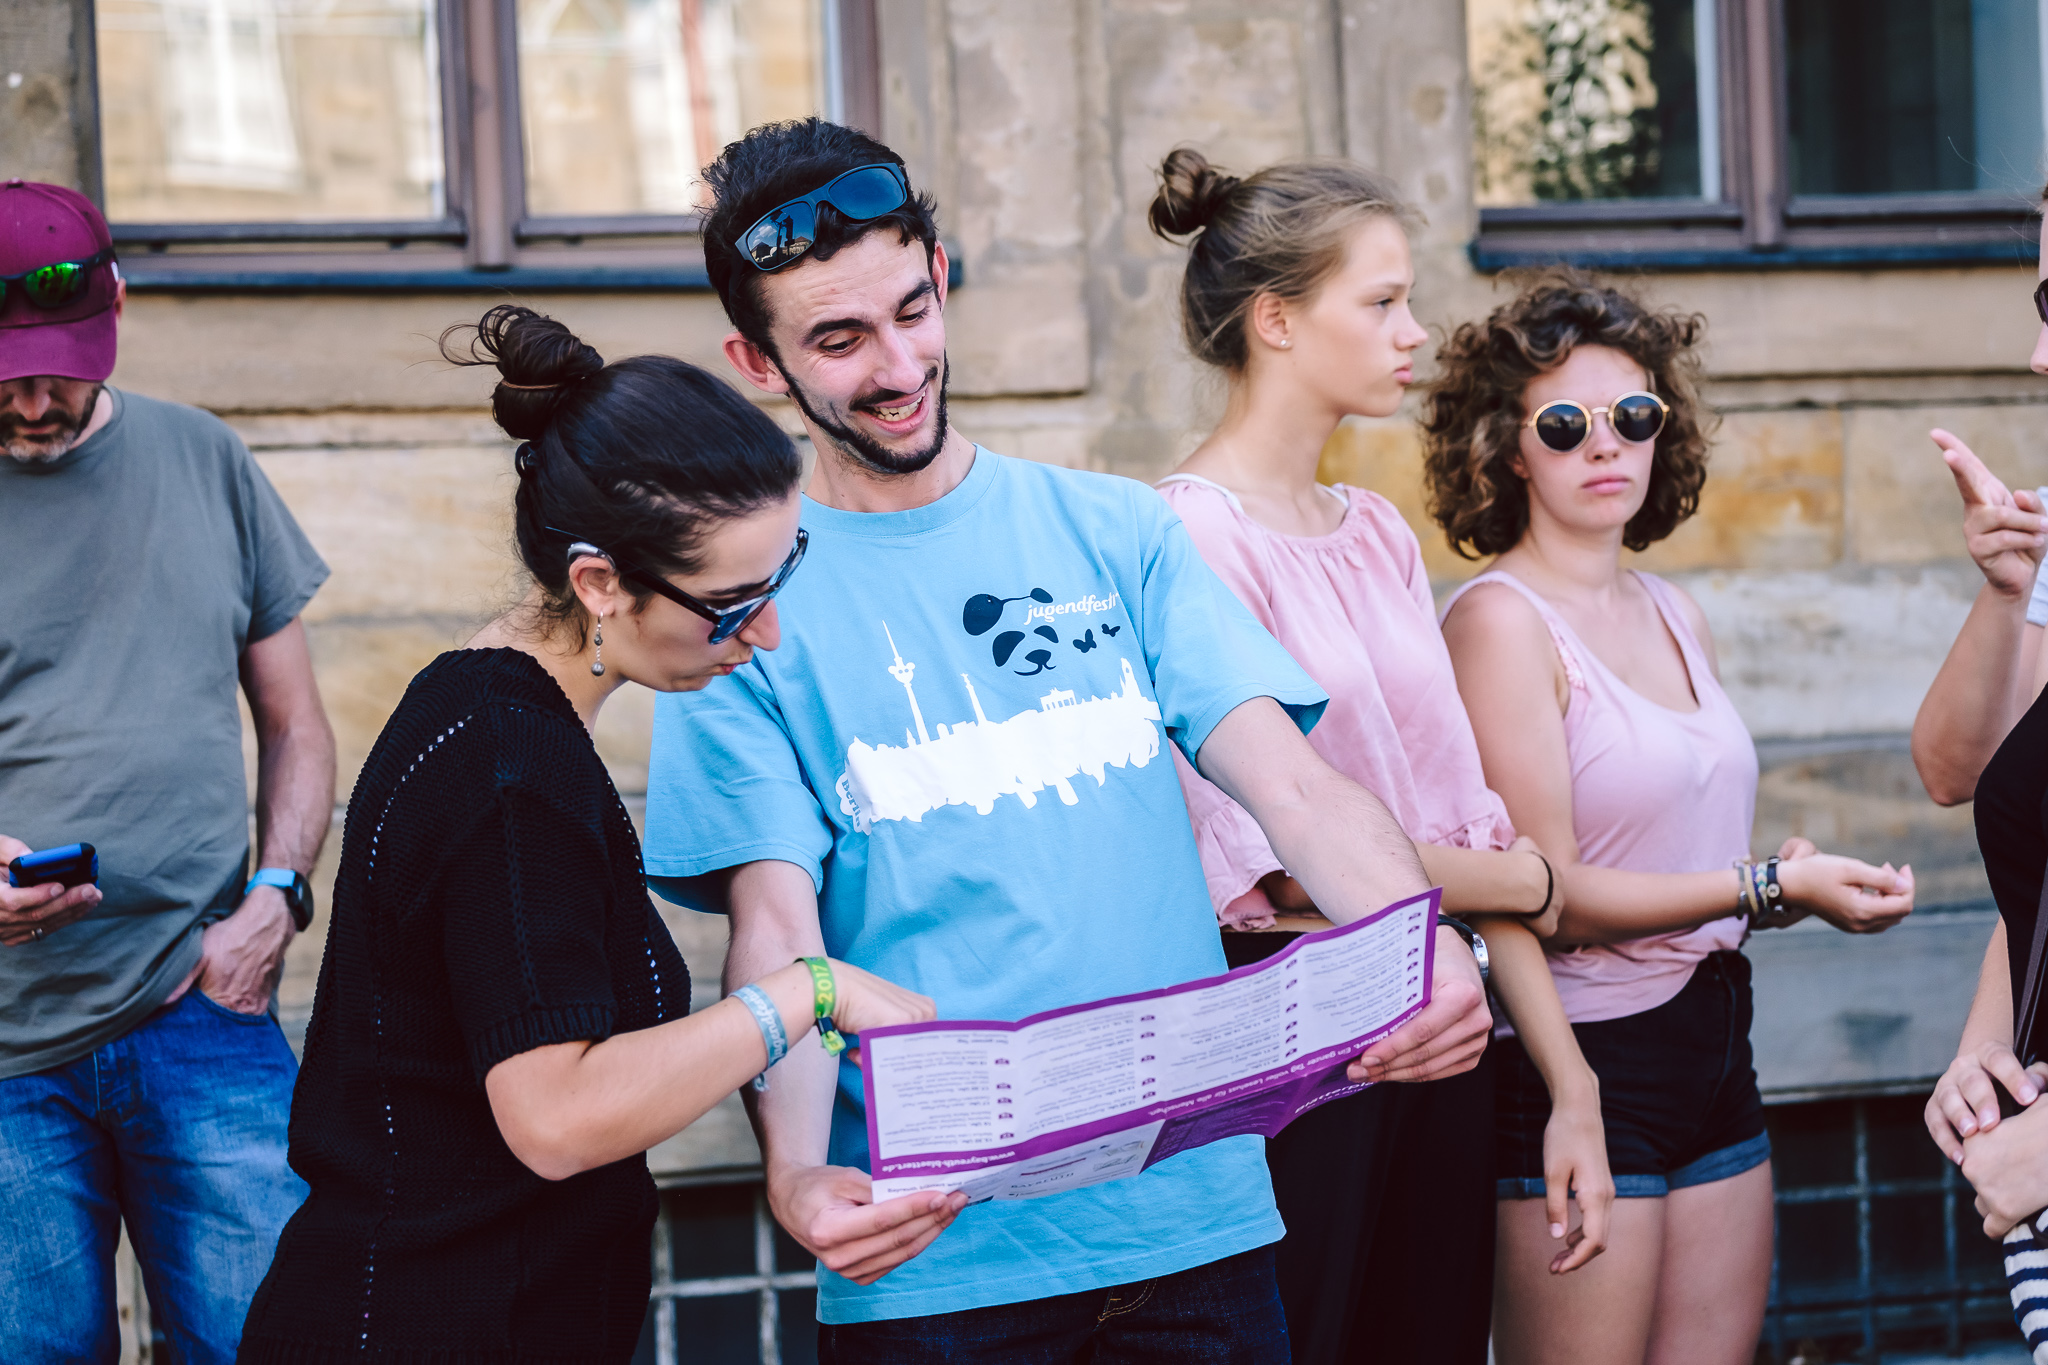 Bayreuth blättert ist ein Lesefest für alle Menschen! Es findet am Samstag, den 18. August 2018 in Bayreuth statt.  ++ am 18.08.2018 in Bayreuth (Bayern).  (c) Andi Weiland   Bayreuth blättert